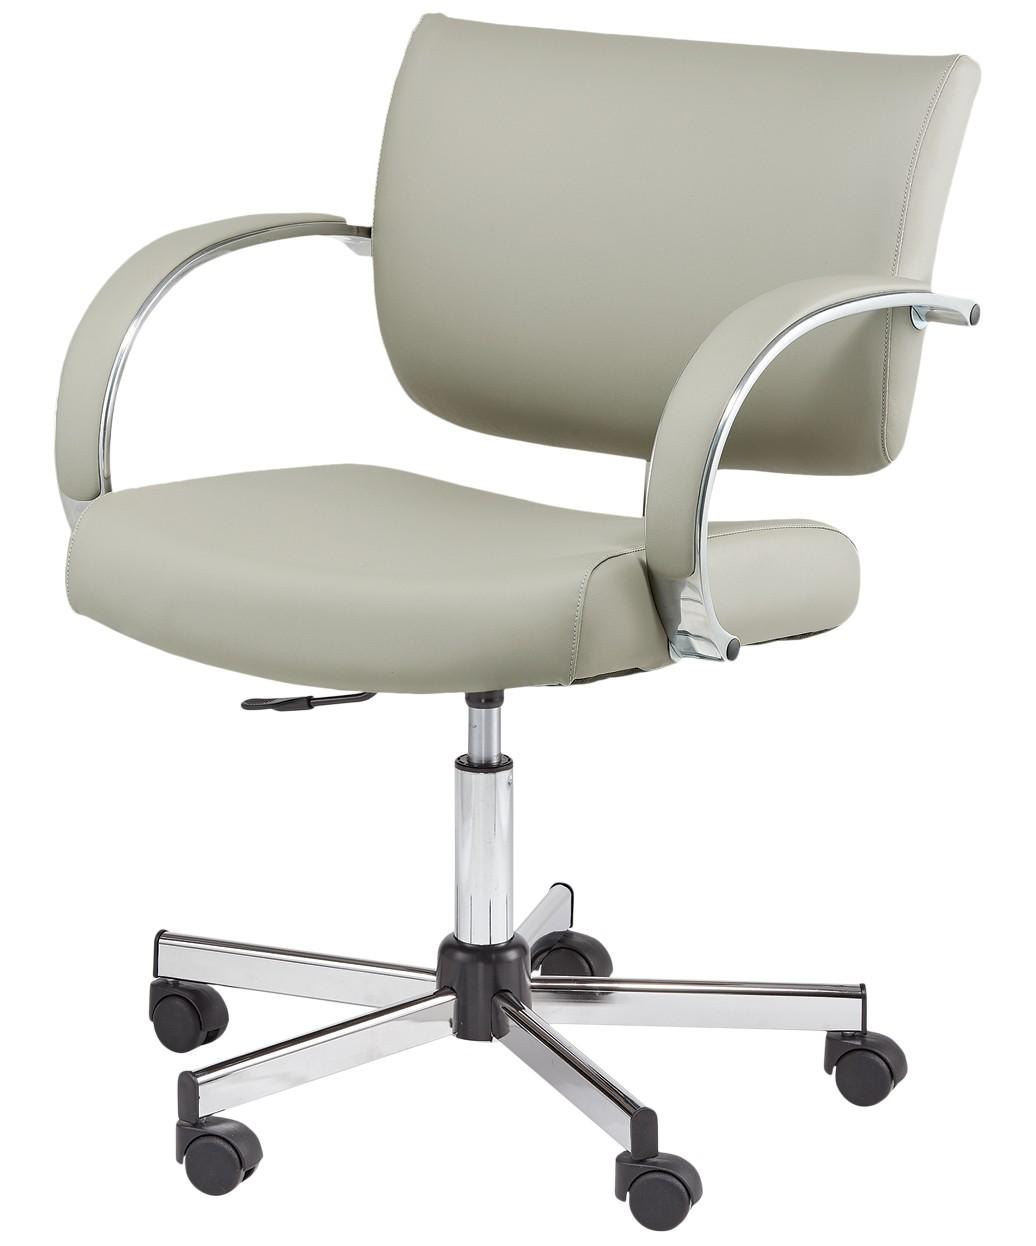 Pibbs 3292 Ragusa Desk Chair